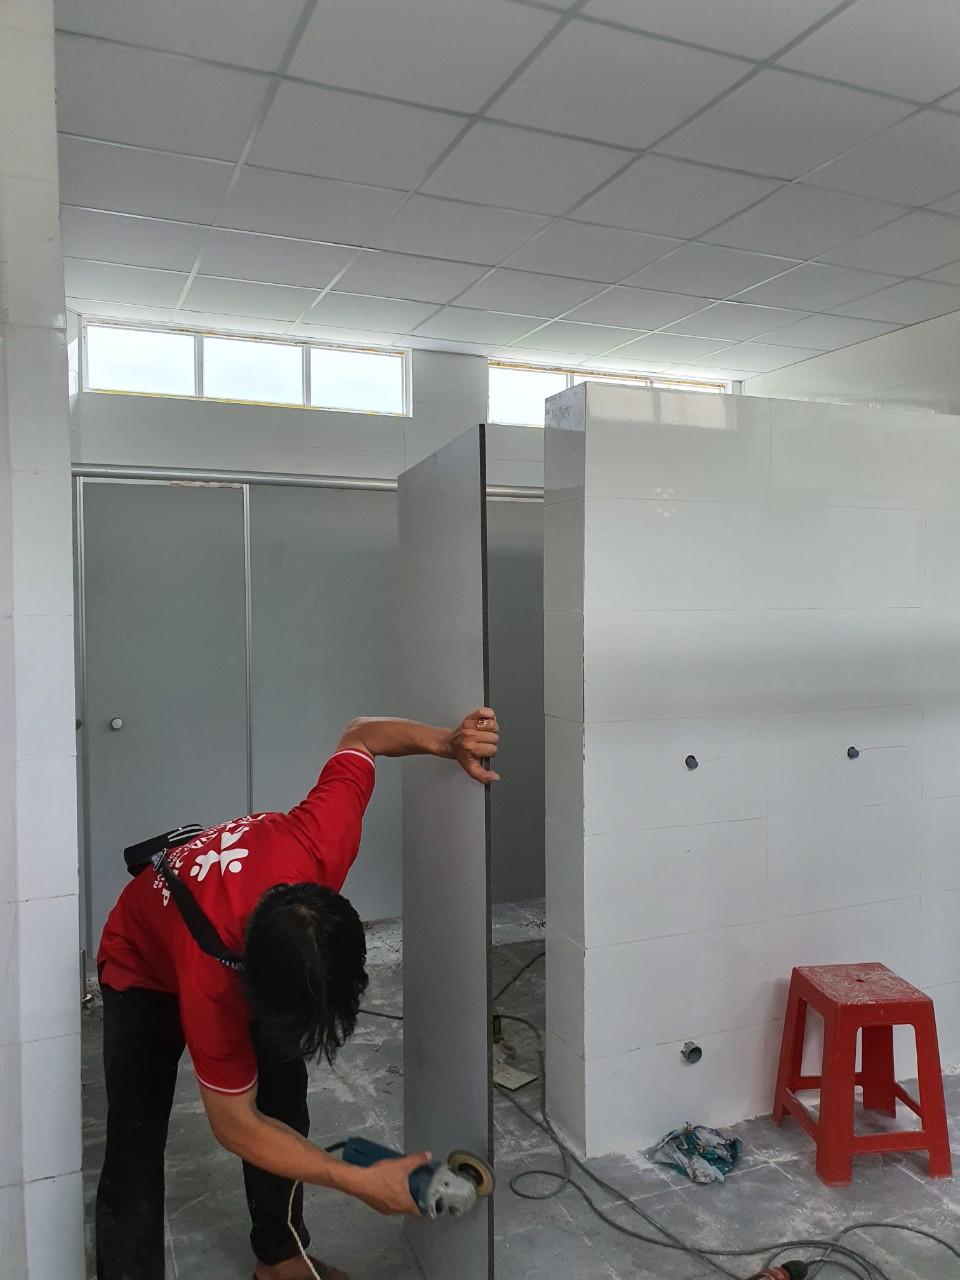 Vách ngăn wc compact hpl tại trường Tiểu học Lâm Thành Hưng